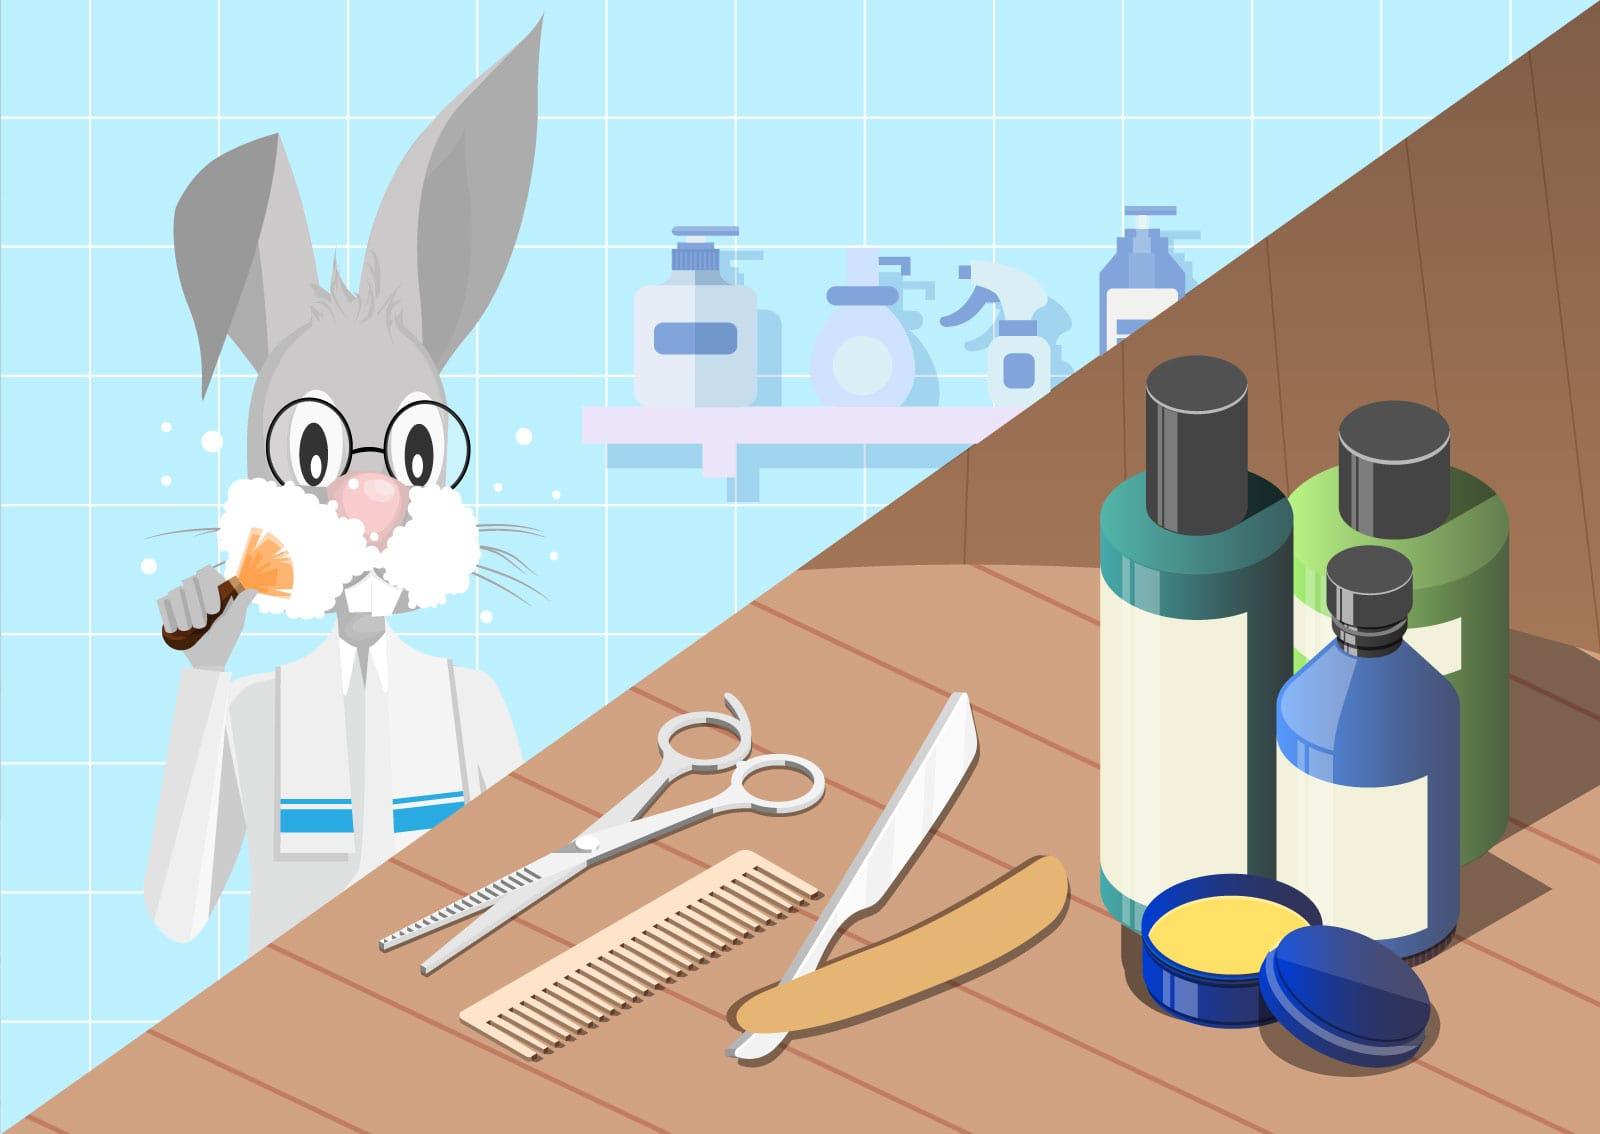 Ilustracija zeca koji koristi preparate za brijanje i održavanje krzna